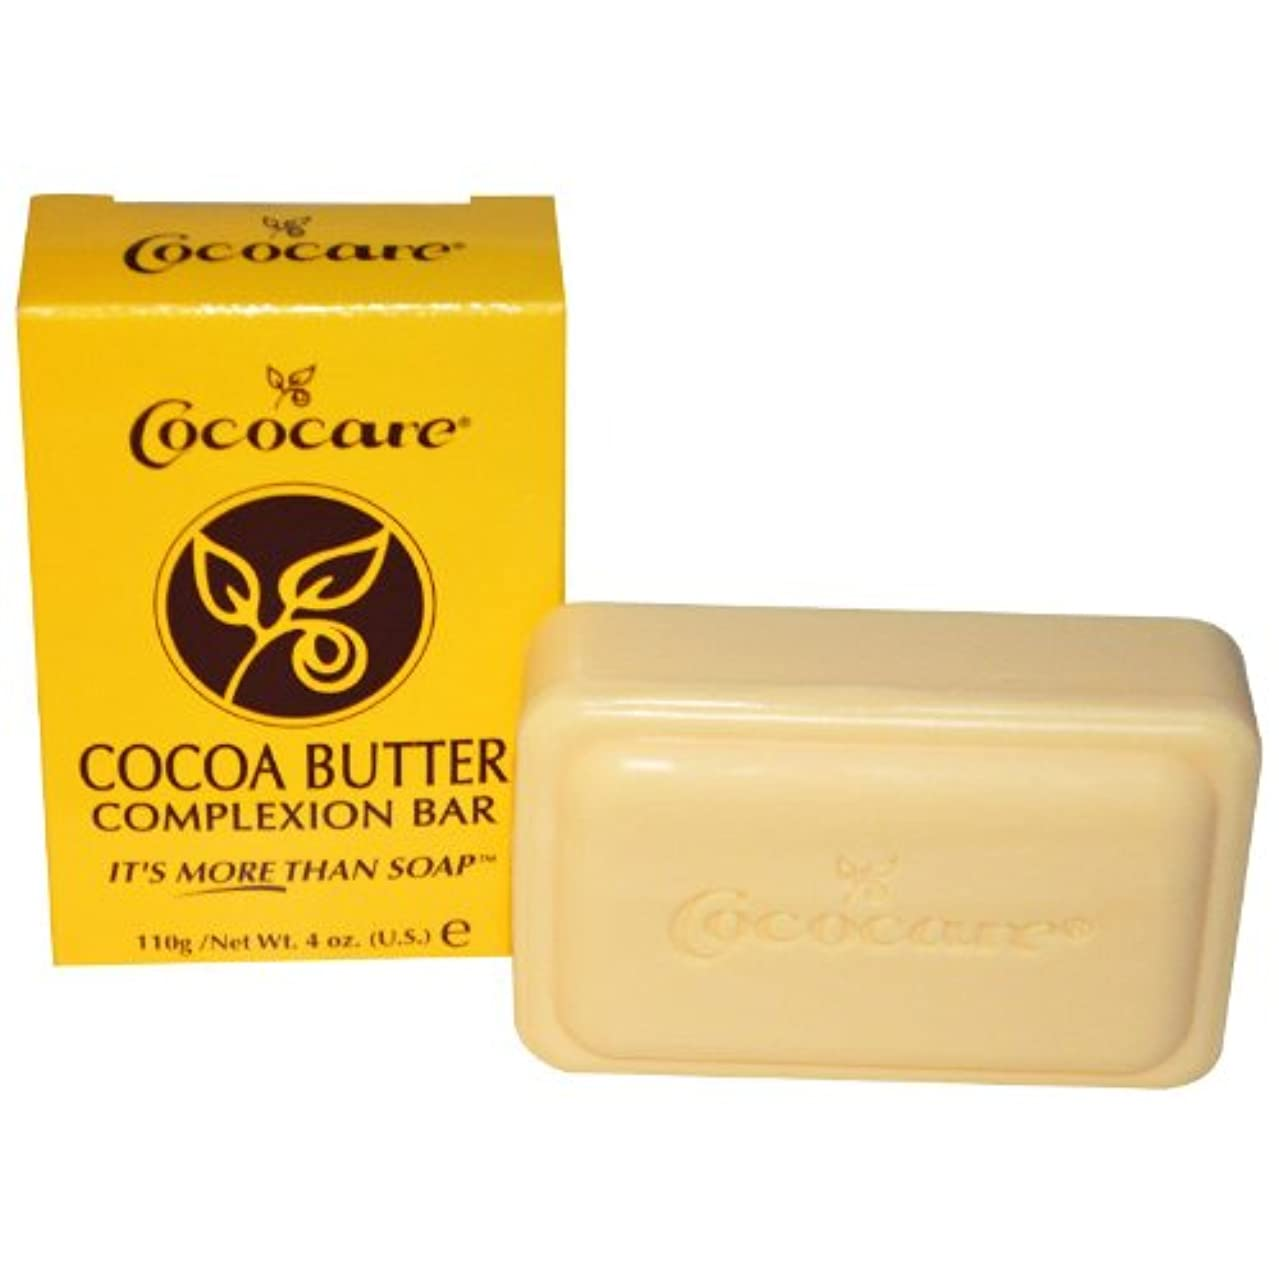 広がりペア取り除くCococare, Cocoa Butter Complexion Bar, 4 oz (110 g) [並行輸入品]